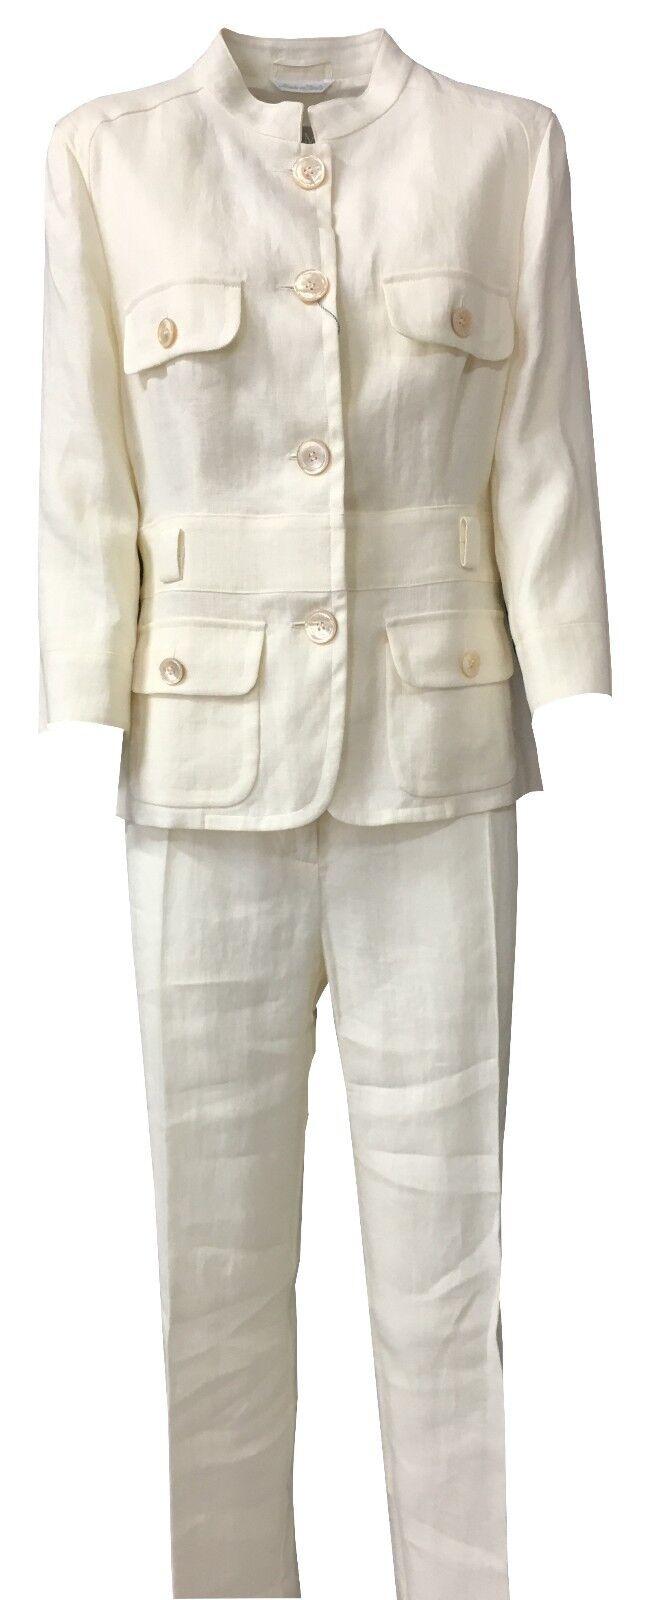 MAX MARA conjunto  de mujer (chaqueta+pantalones) Color marfil 100% lino  marcas de diseñadores baratos